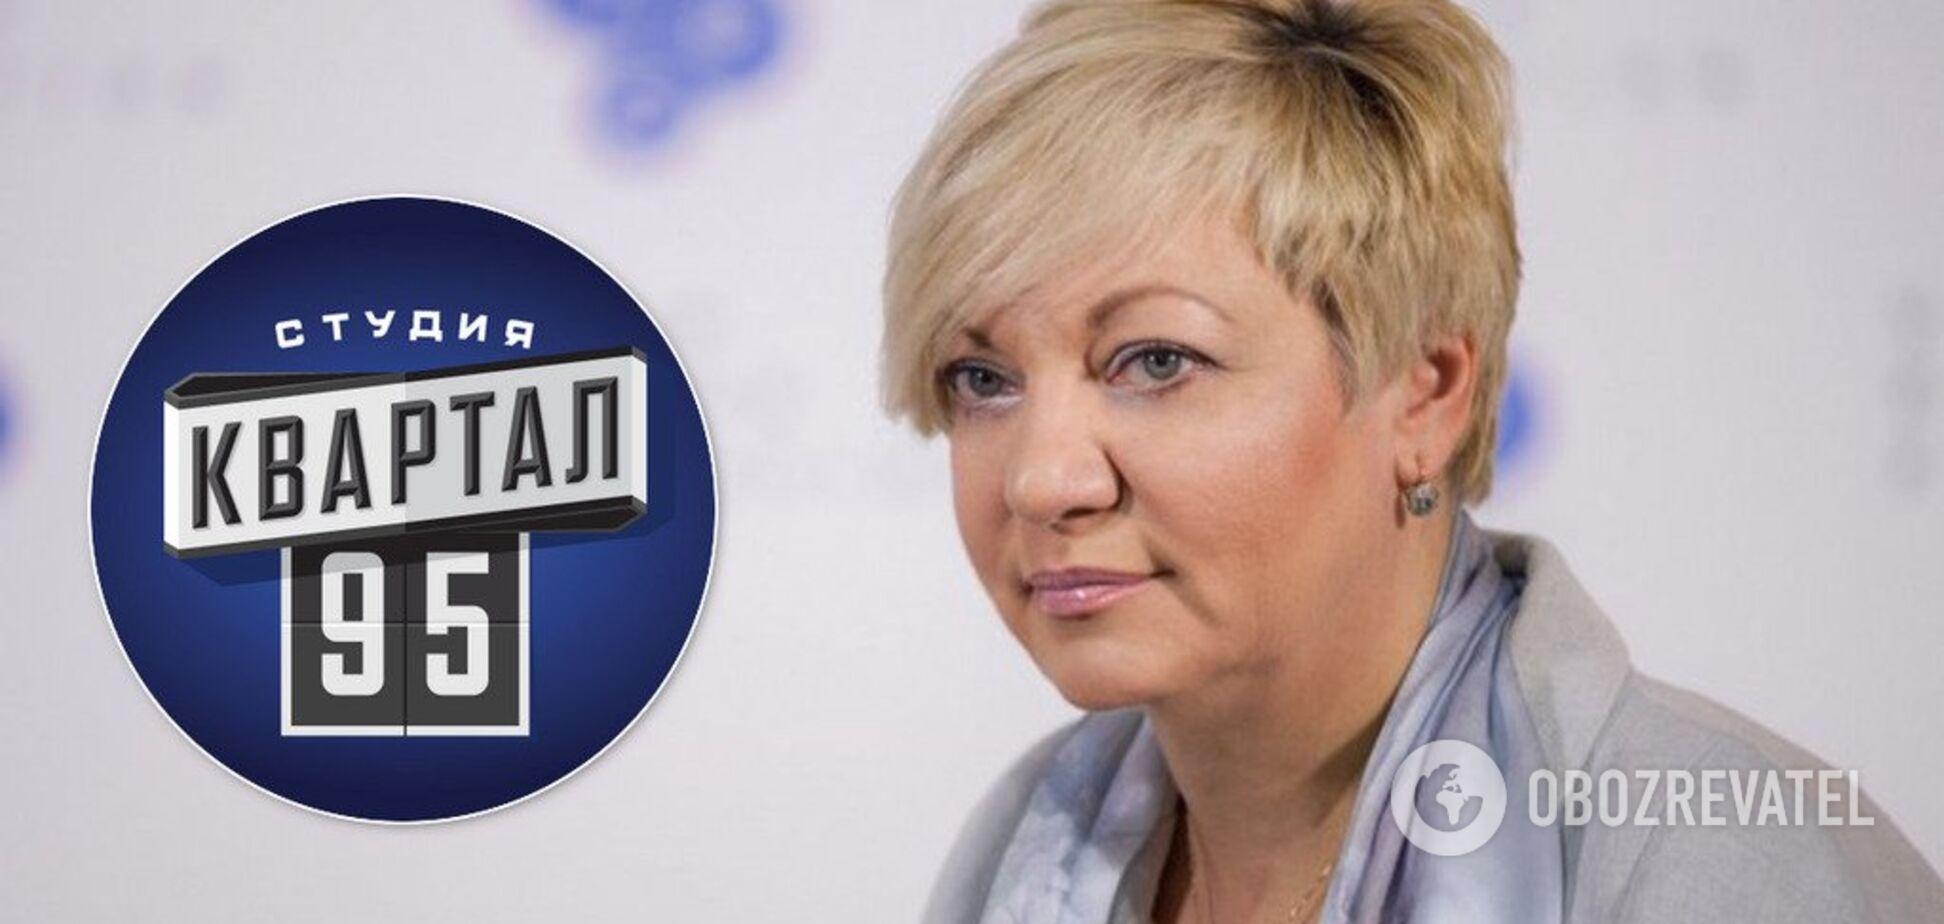 'Пресвятая погорелица': 'Квартал 95' снова спел песню о Гонтаревой. Видео